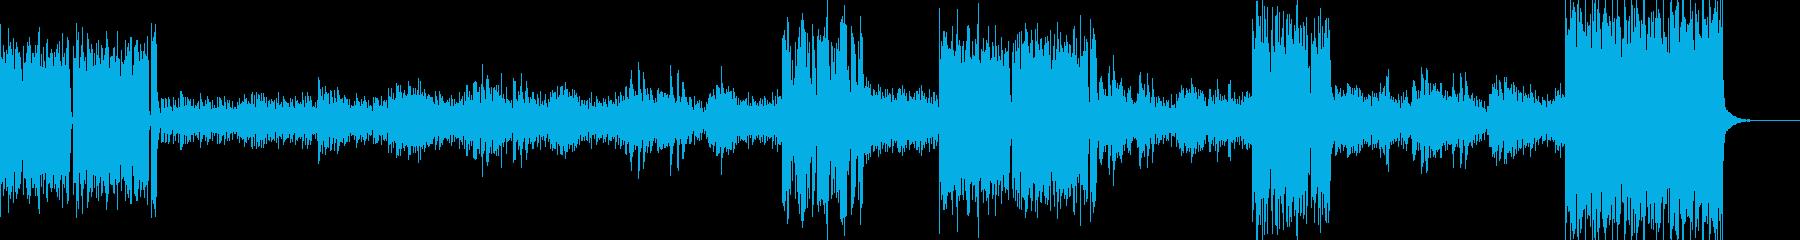 ヒカリノセイの再生済みの波形